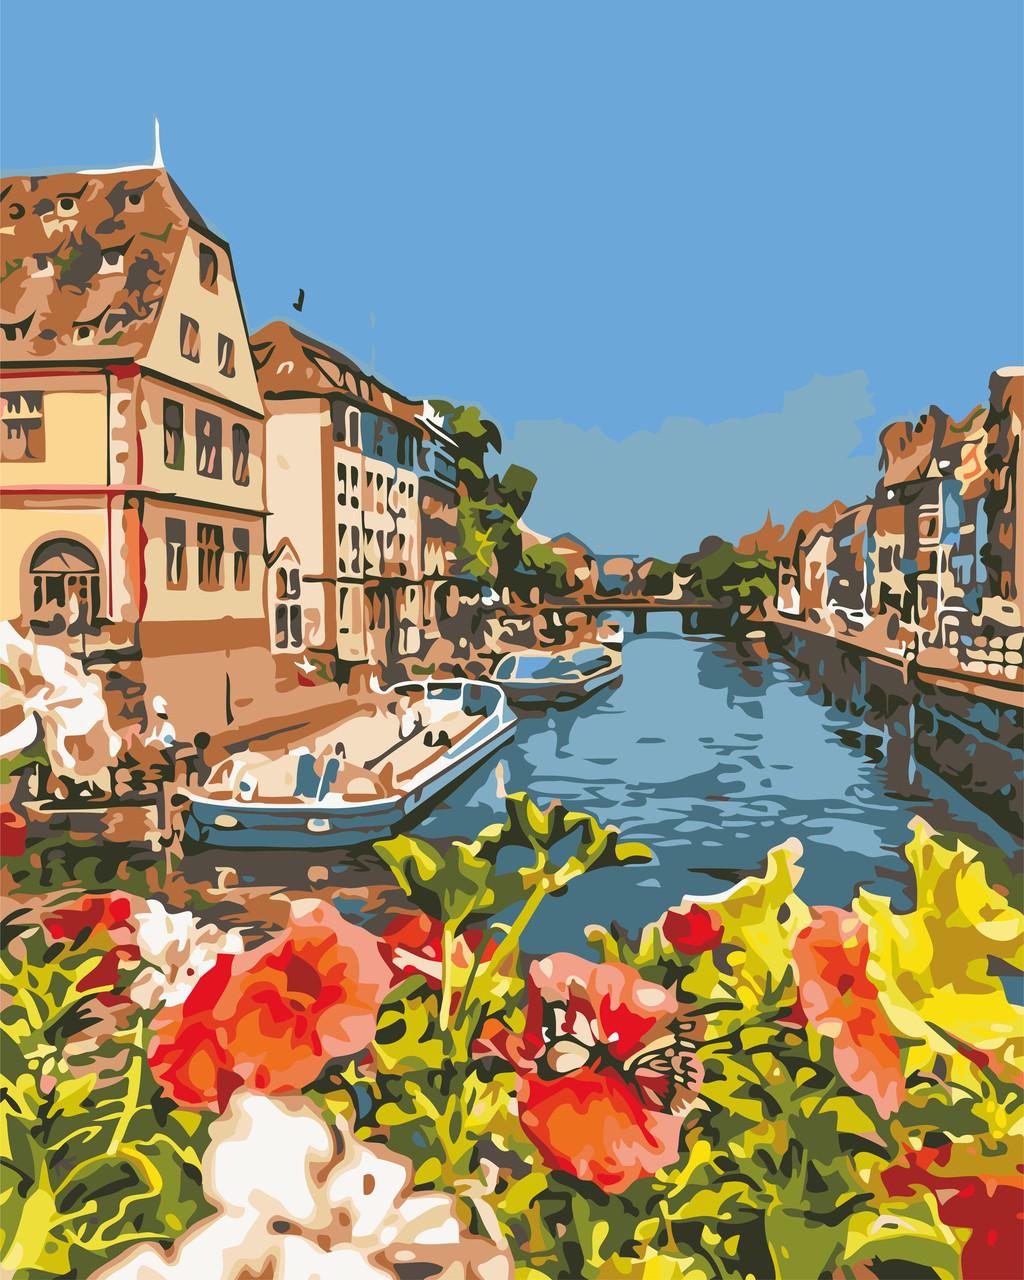 Художественный творческий набор, картина по номерам Французский городок, 40x50 см, «Art Story» (AS0635)